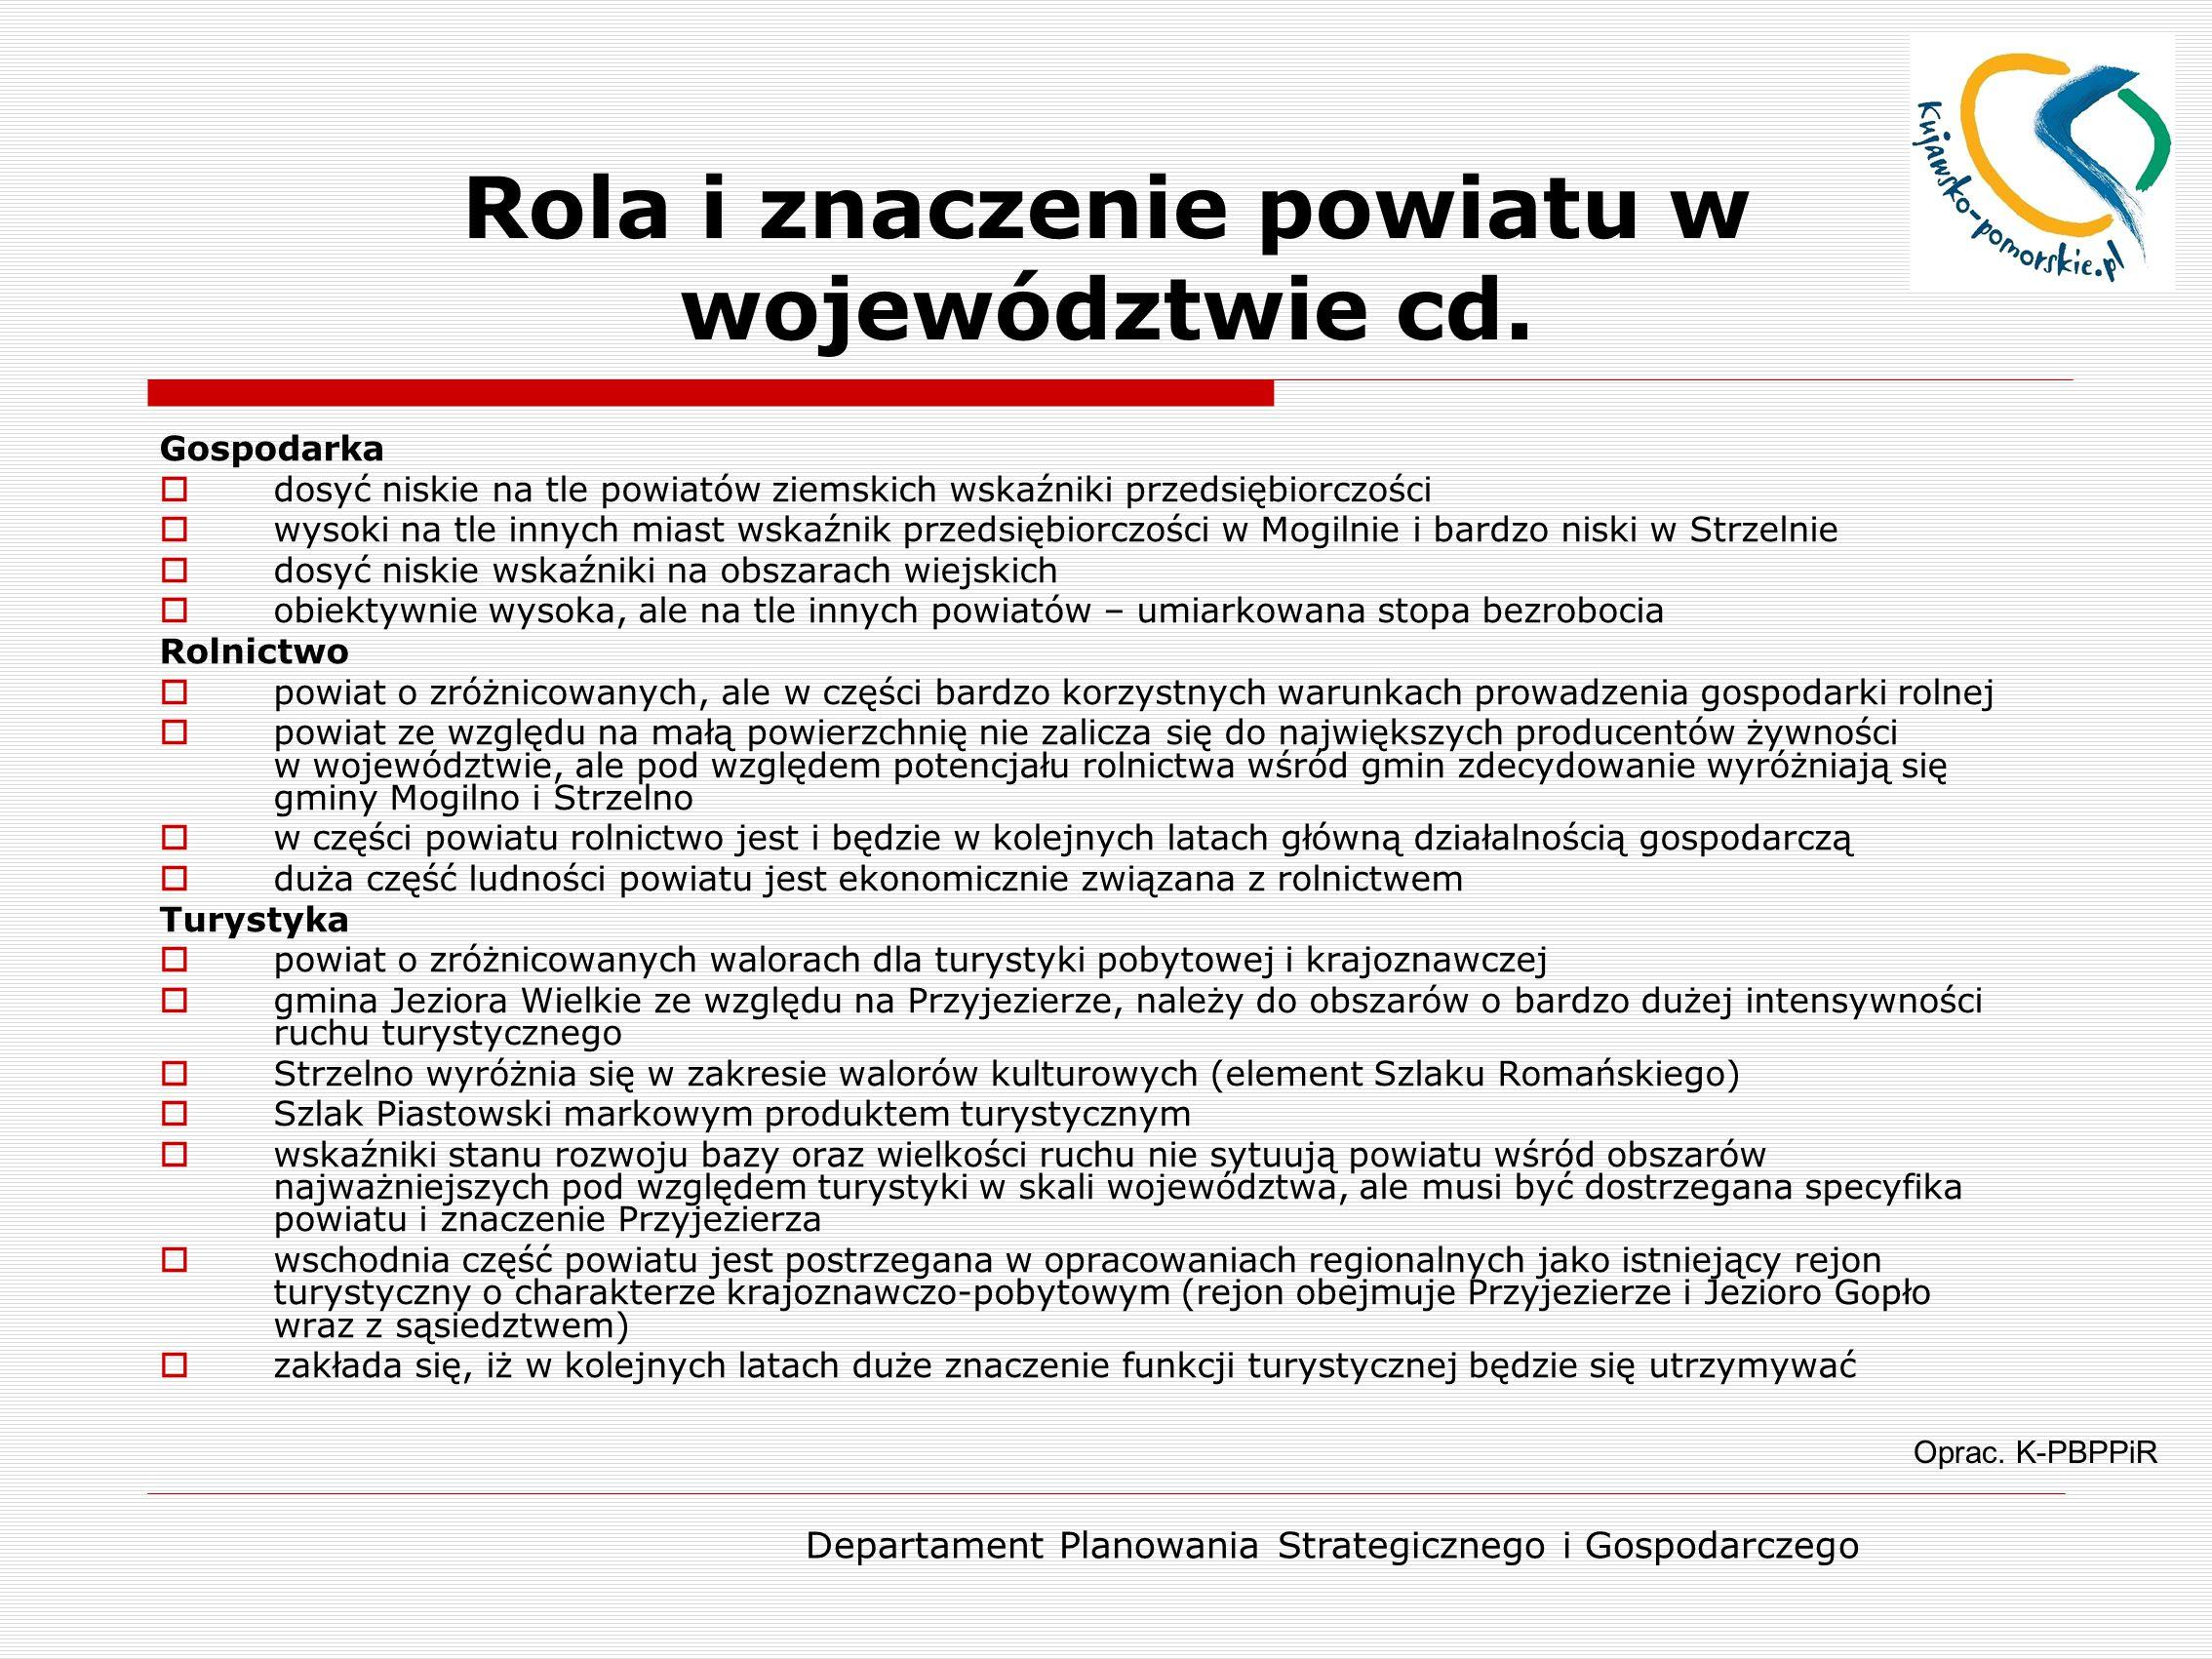 Departament Planowania Strategicznego i Gospodarczego Rola i znaczenie powiatu w województwie cd. Oprac. K-PBPPiR Gospodarka  dosyć niskie na tle pow